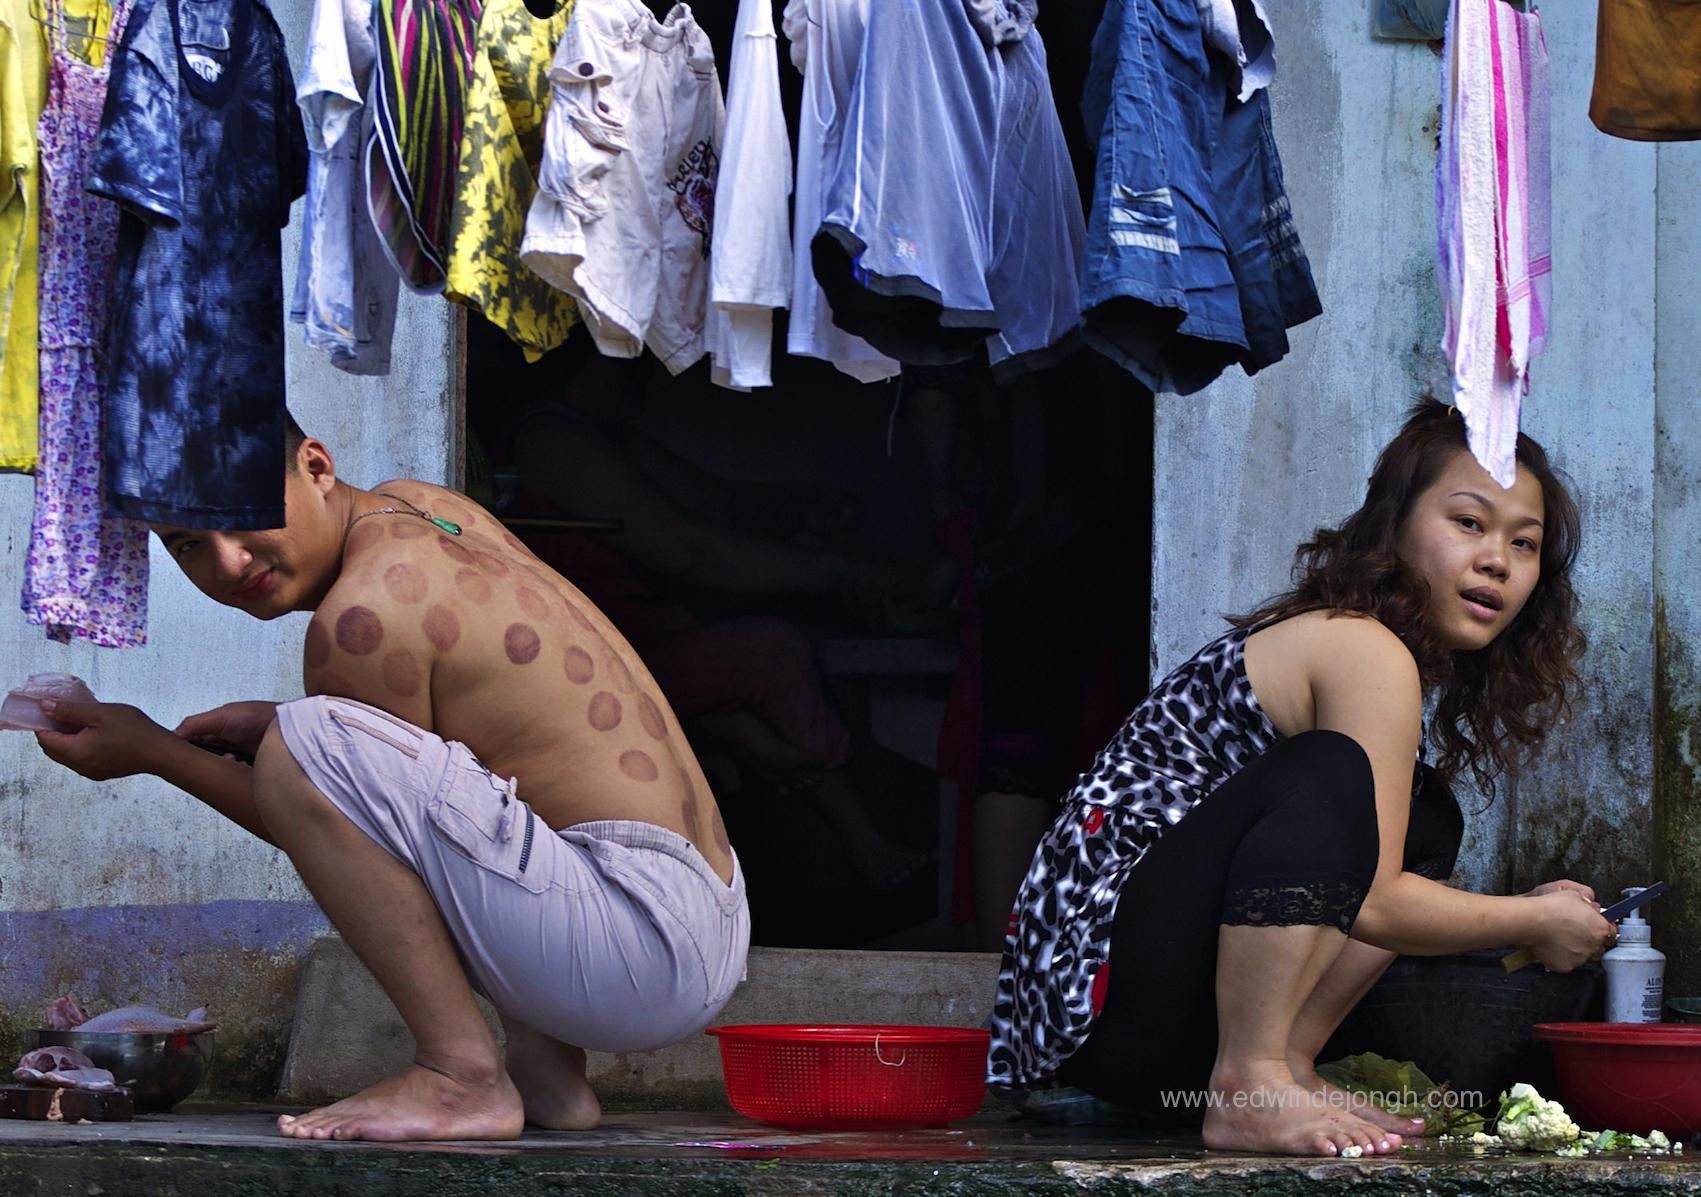 Back to Back (Mekong Delta, Vietnam)